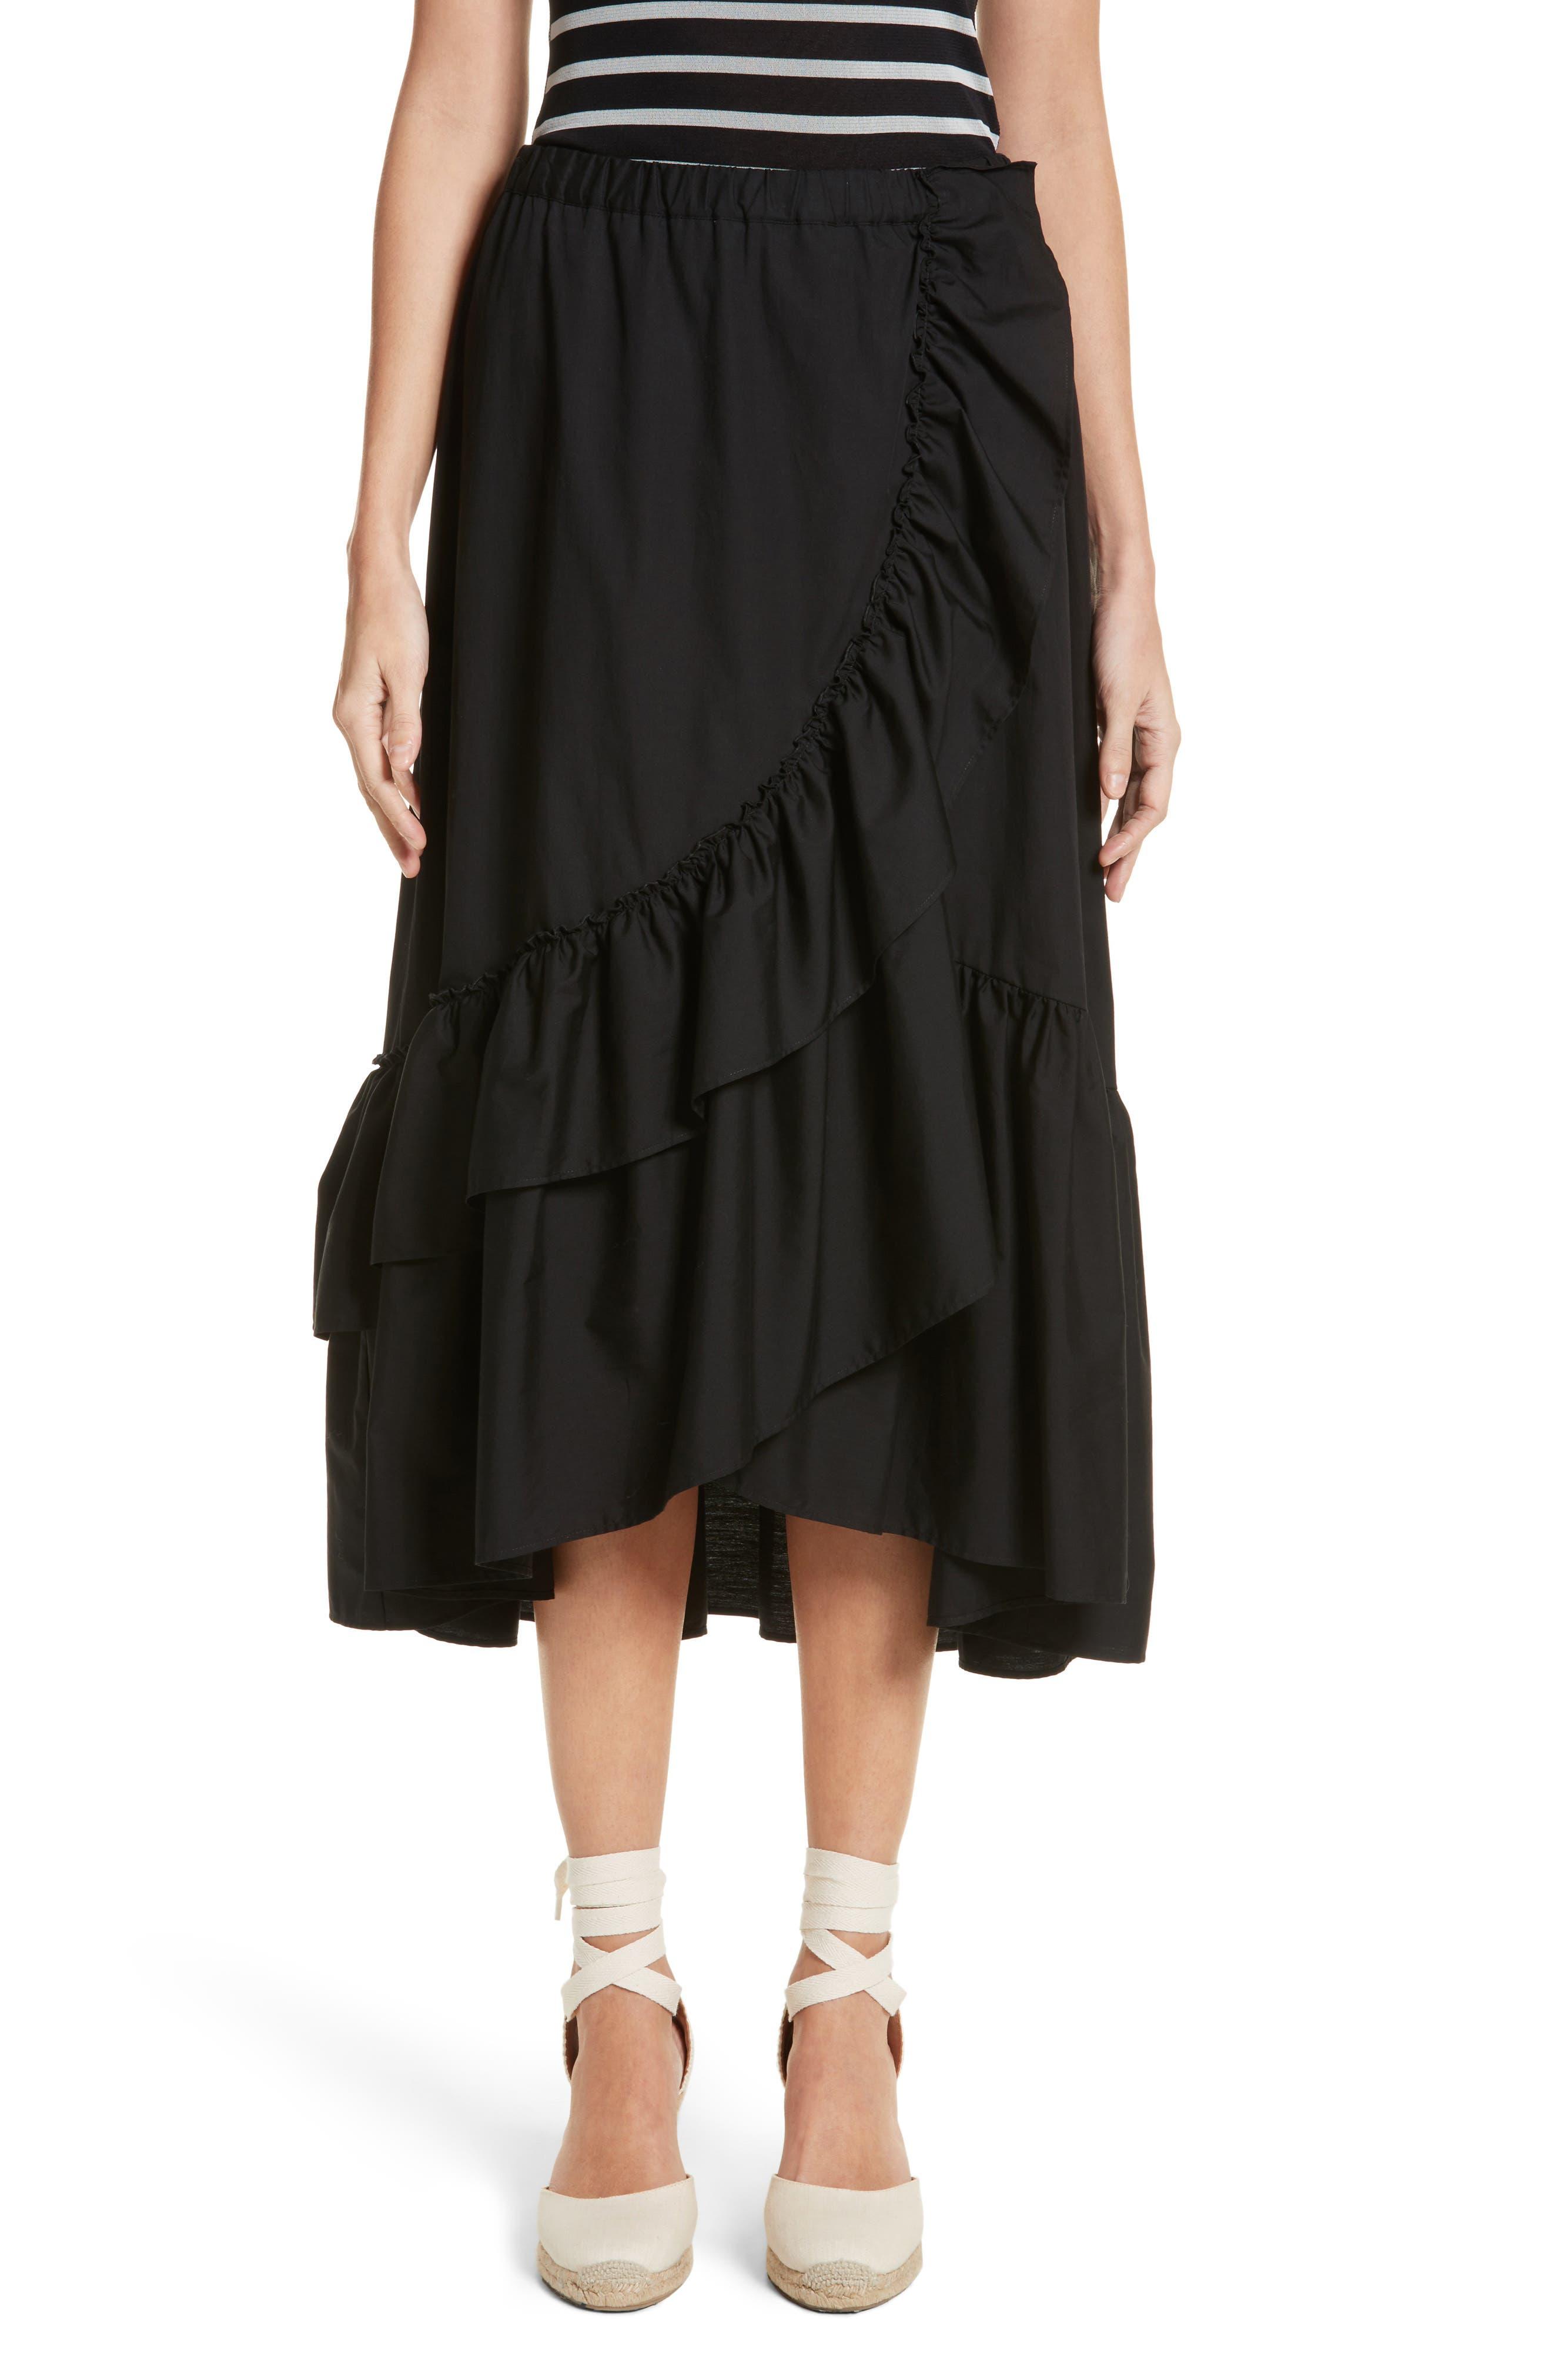 FUZZI Ruffled Poplin Skirt, Main, color, 001